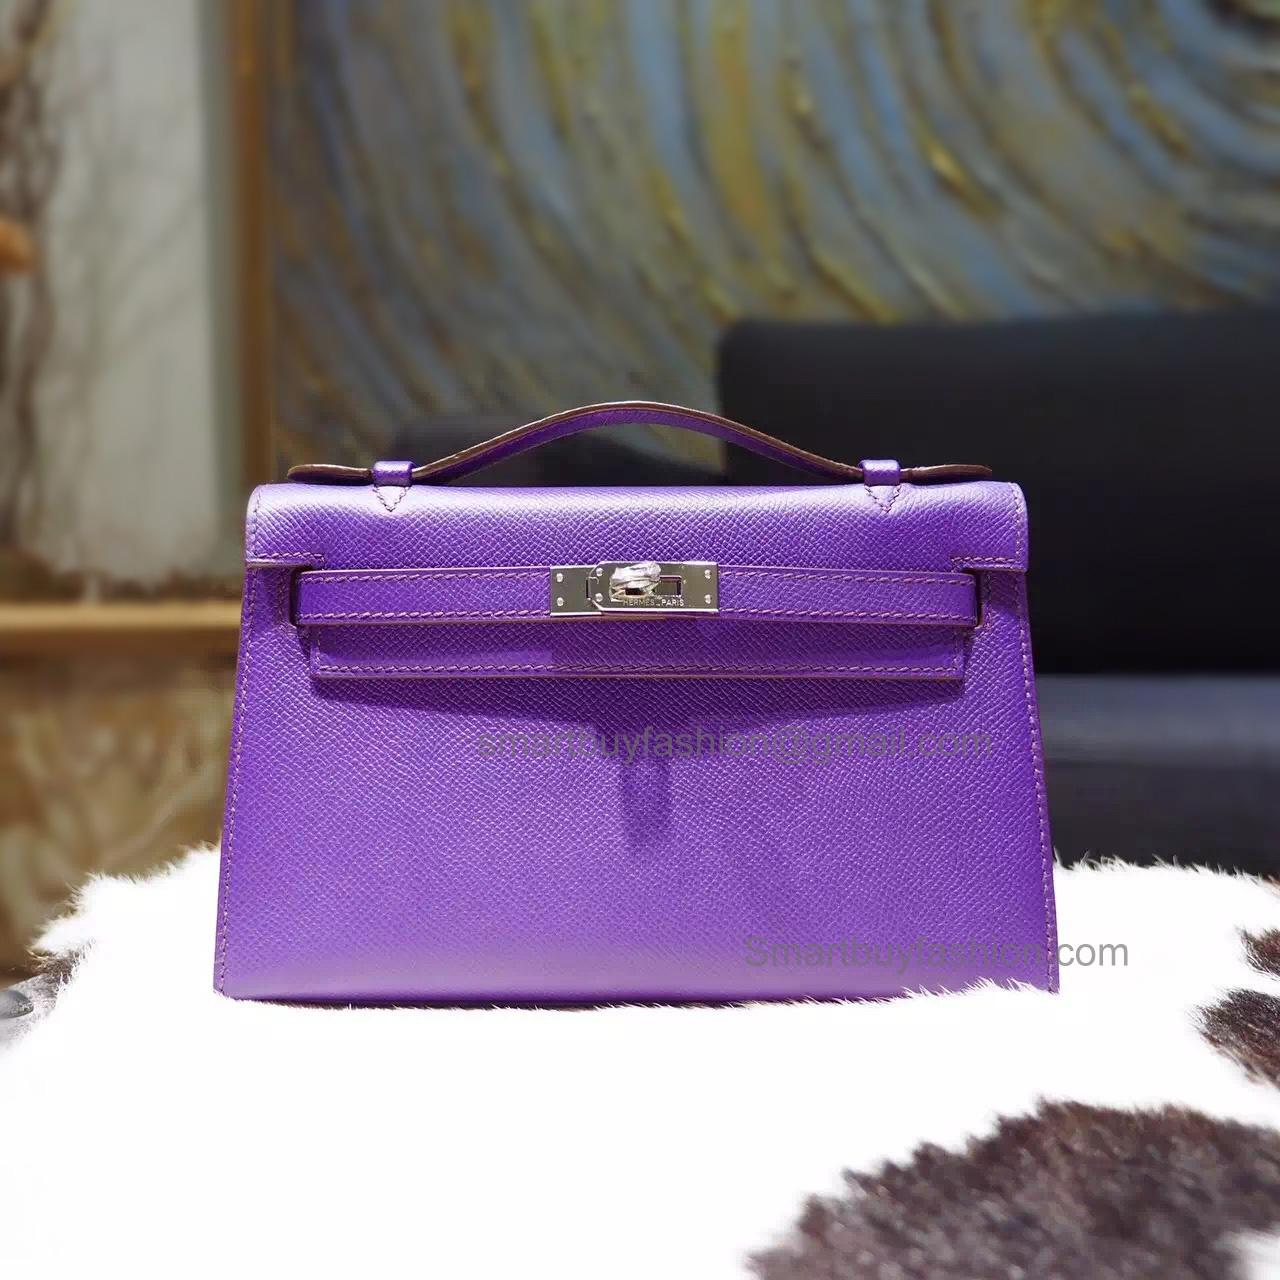 924c77916346 Hermes Mini Kelly 22 Pochette Copy Bag in 9w Crocus Epsom Calfskin PHW